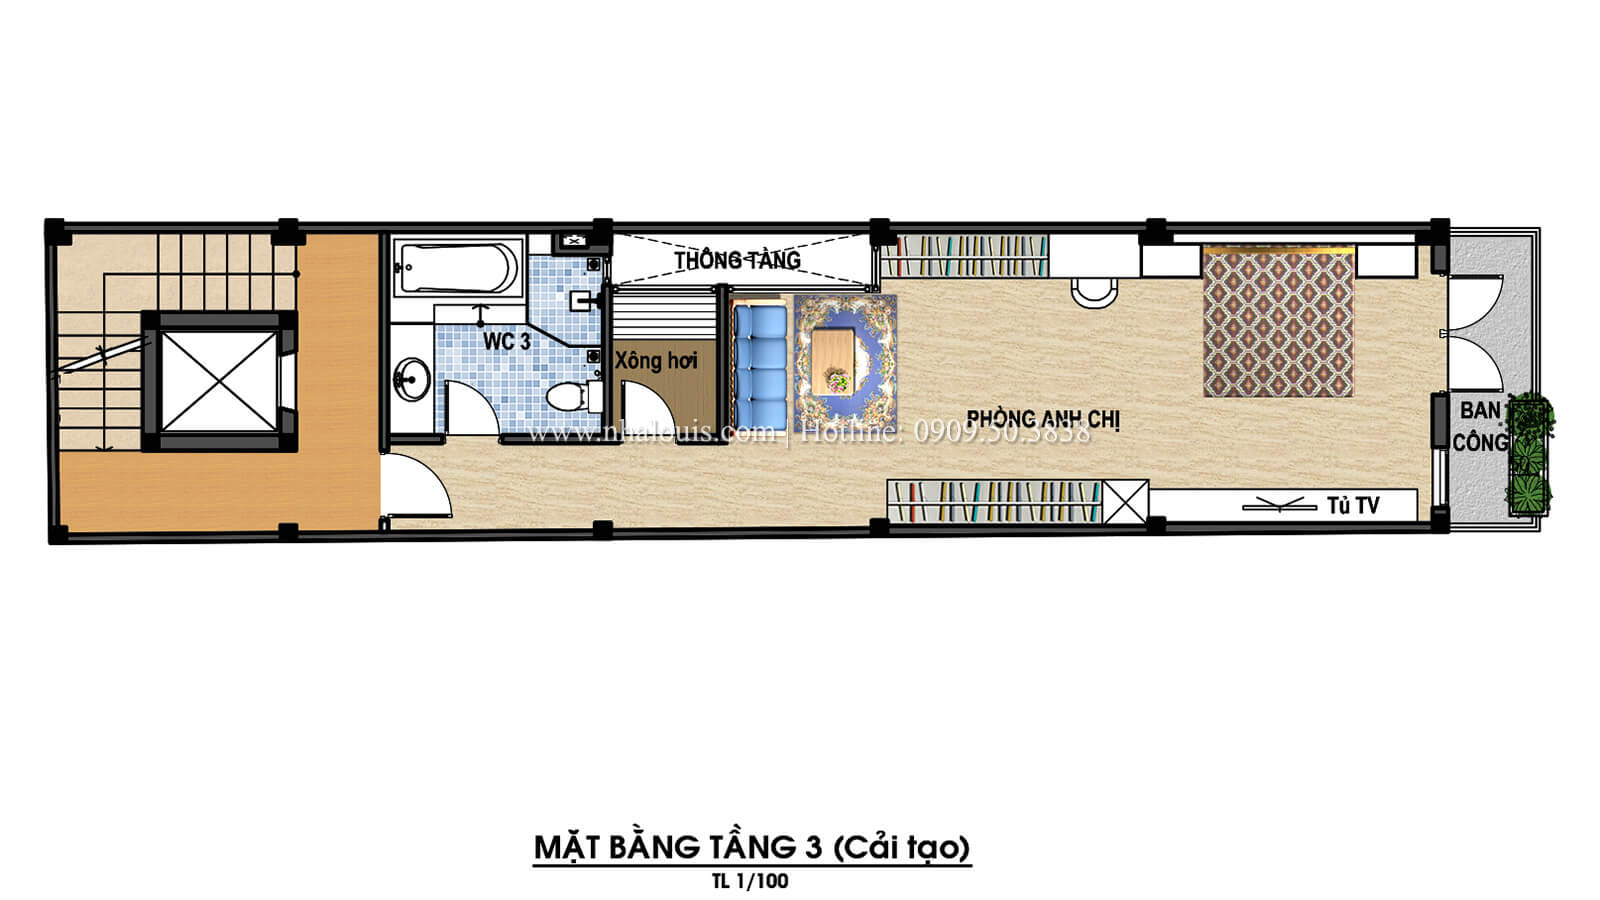 Mặt bằng tầng 3 Thiết kế cải tạo nhà 6 tầng đẹp không ngờ tại Quận 6 - 07